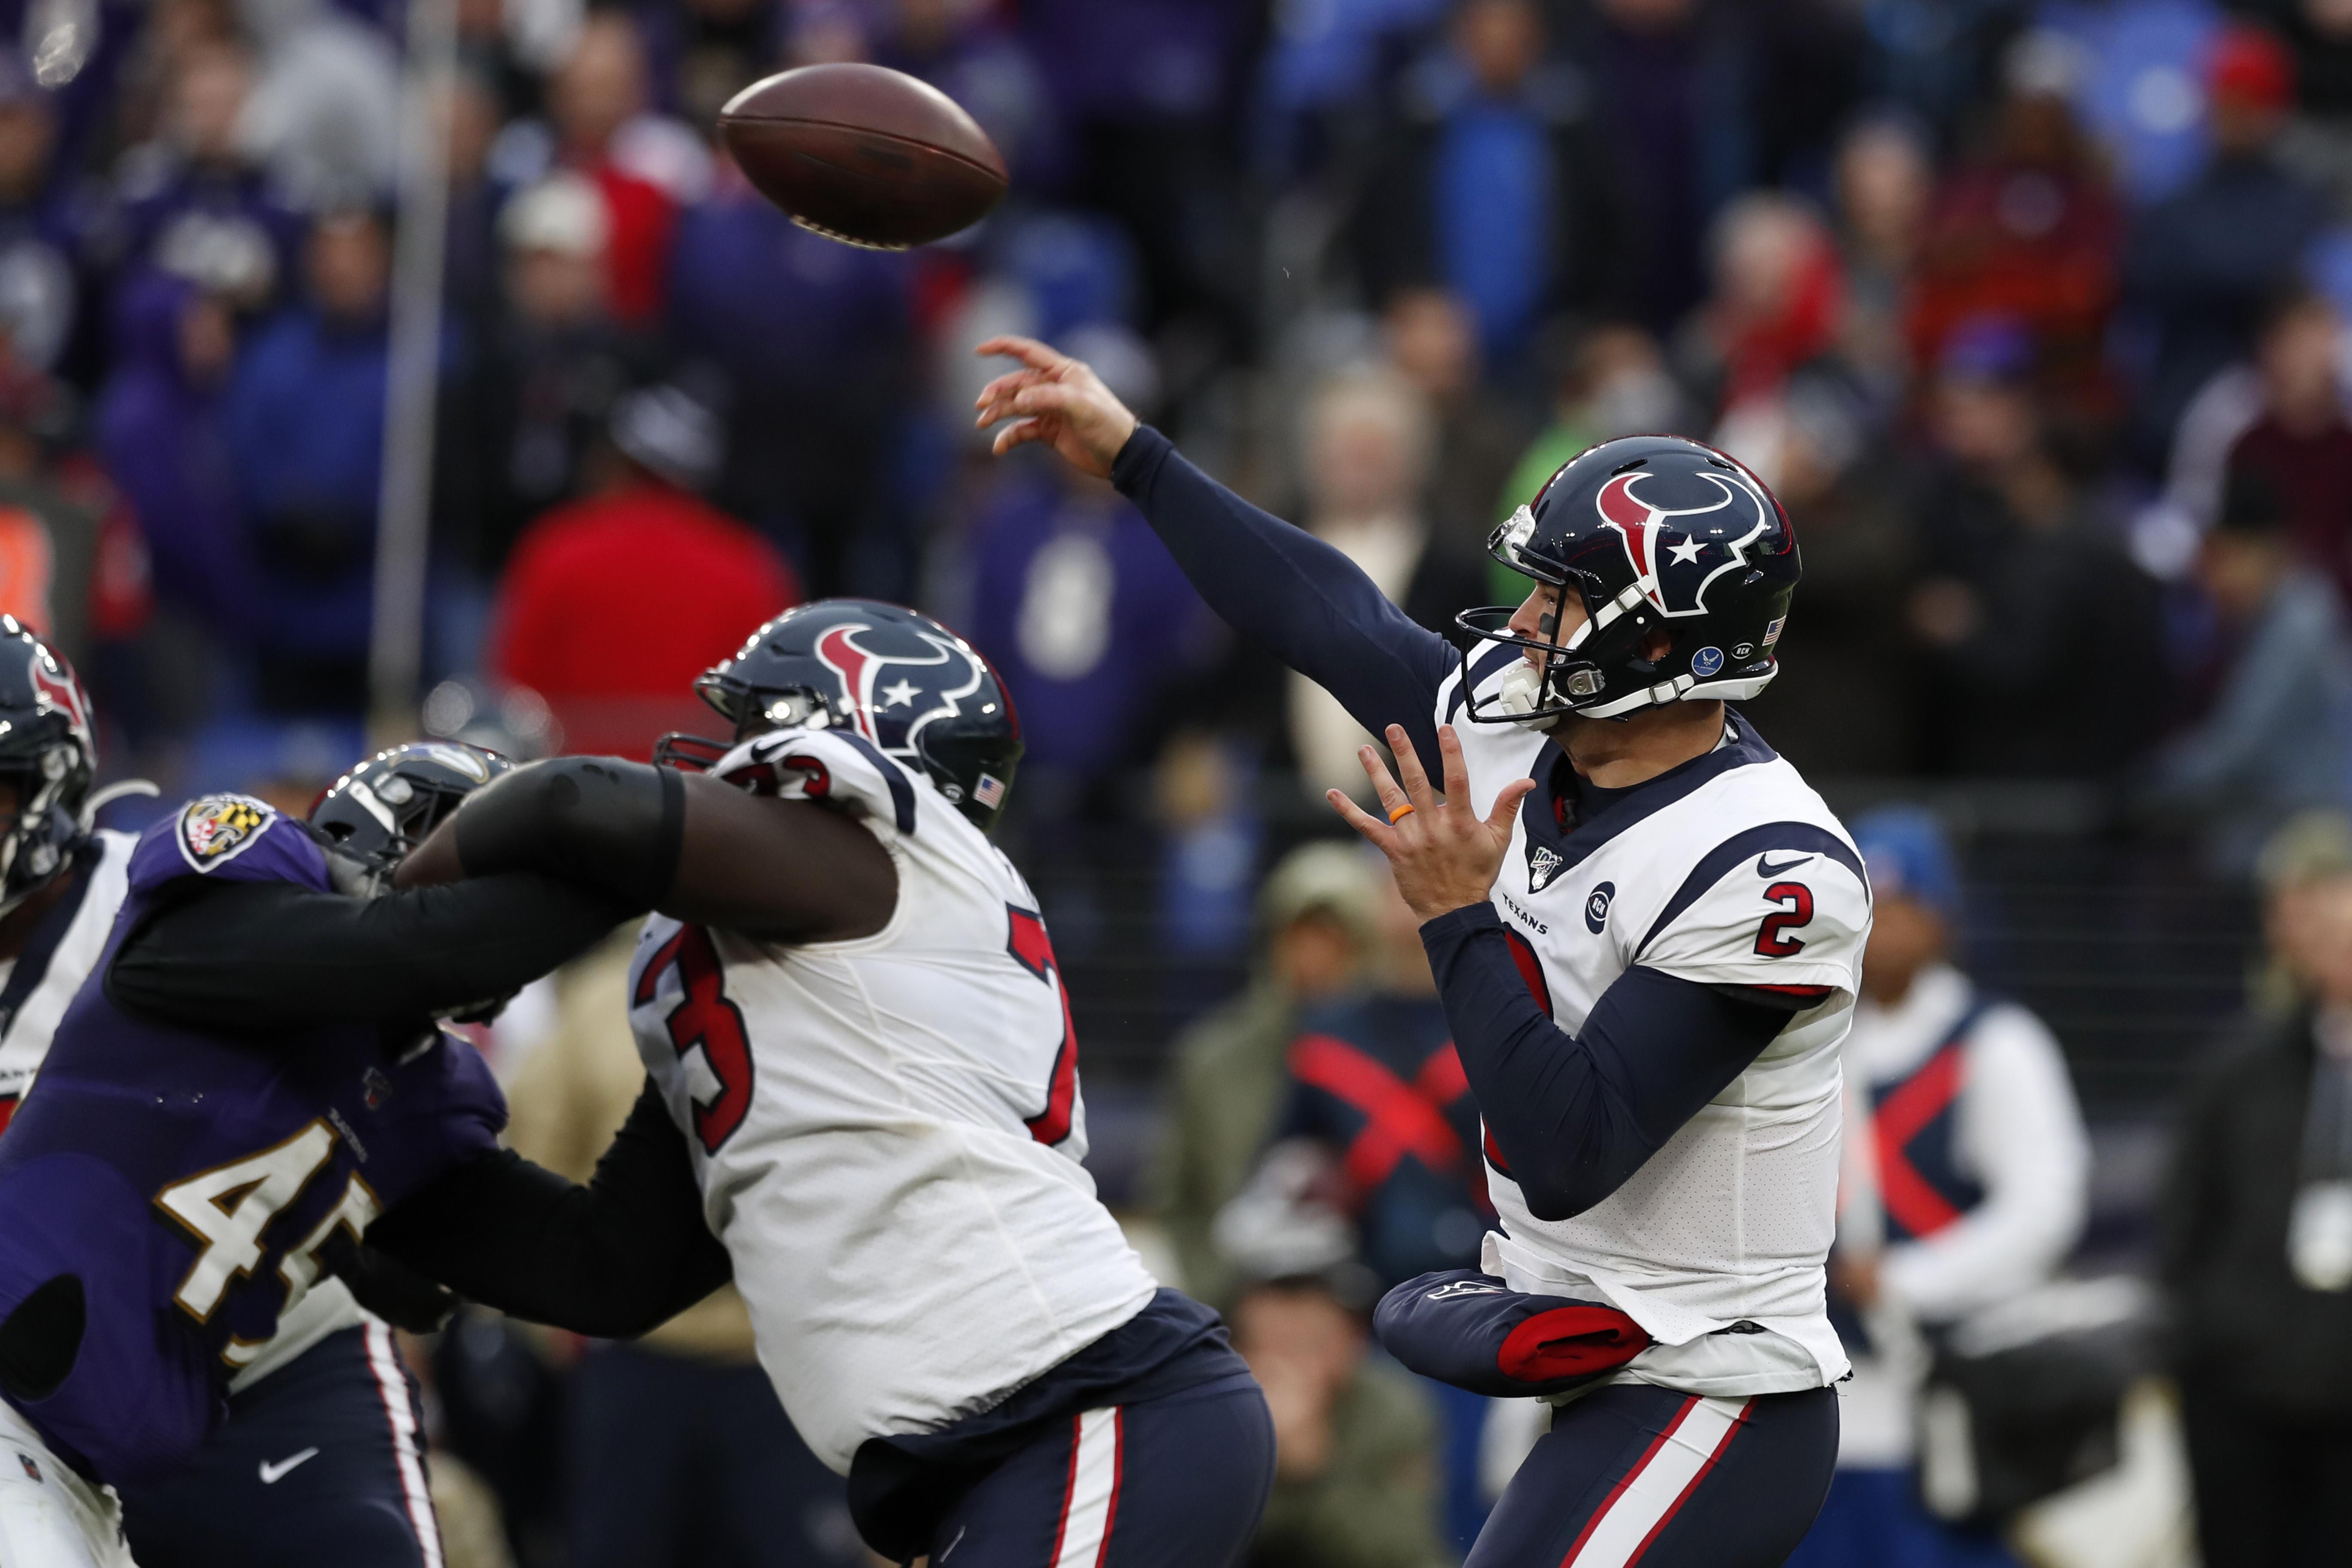 Houston Texans vBaltimore Ravens